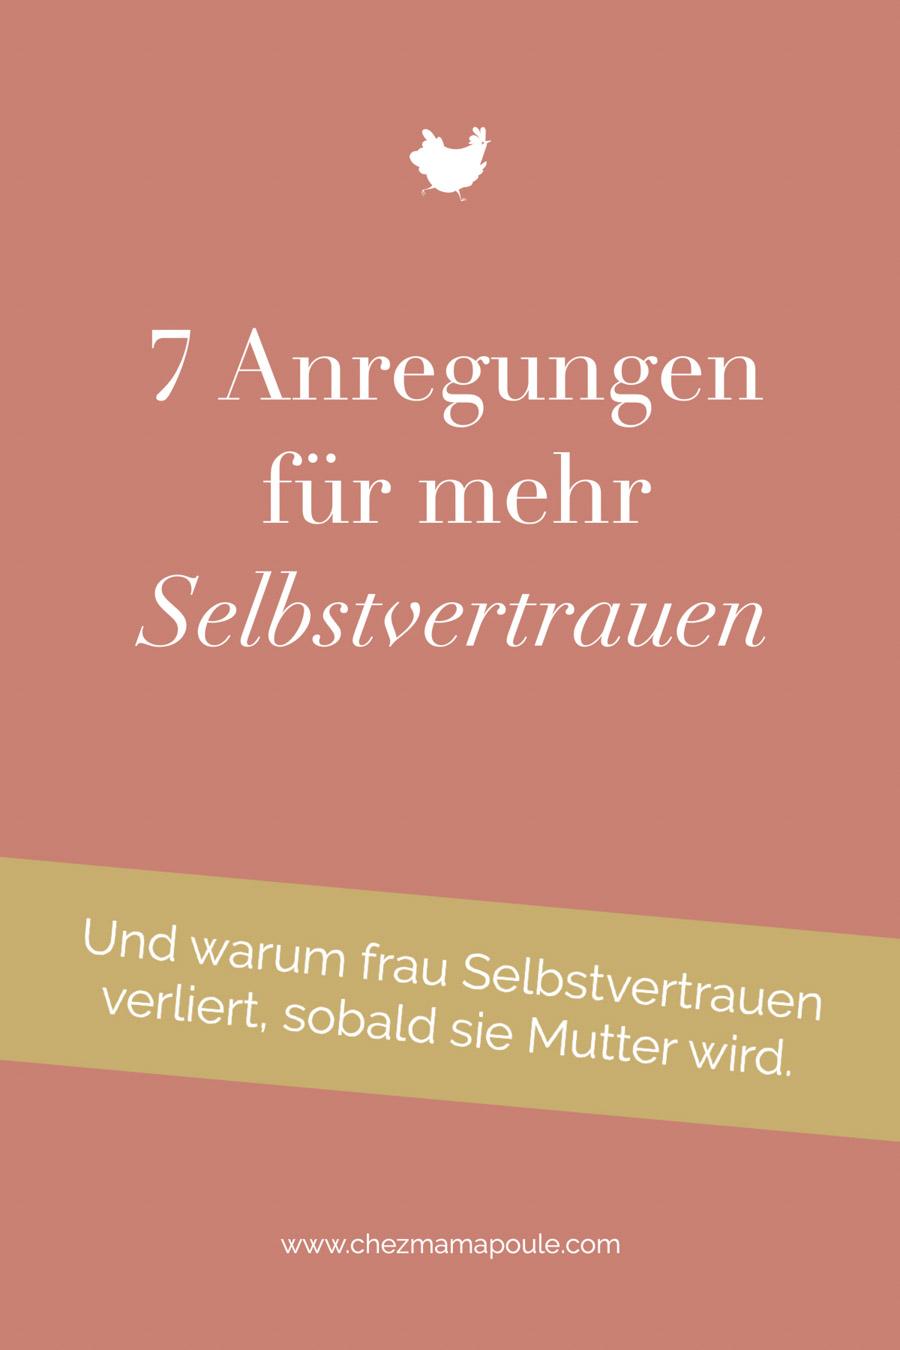 Wie sich Mütter mehr Selbstvertrauen trainieren können. Weiterlesen auf chezmamapoule.com #muttersein #elternsein #erziehung #selbstbewusstsein #selbstwert